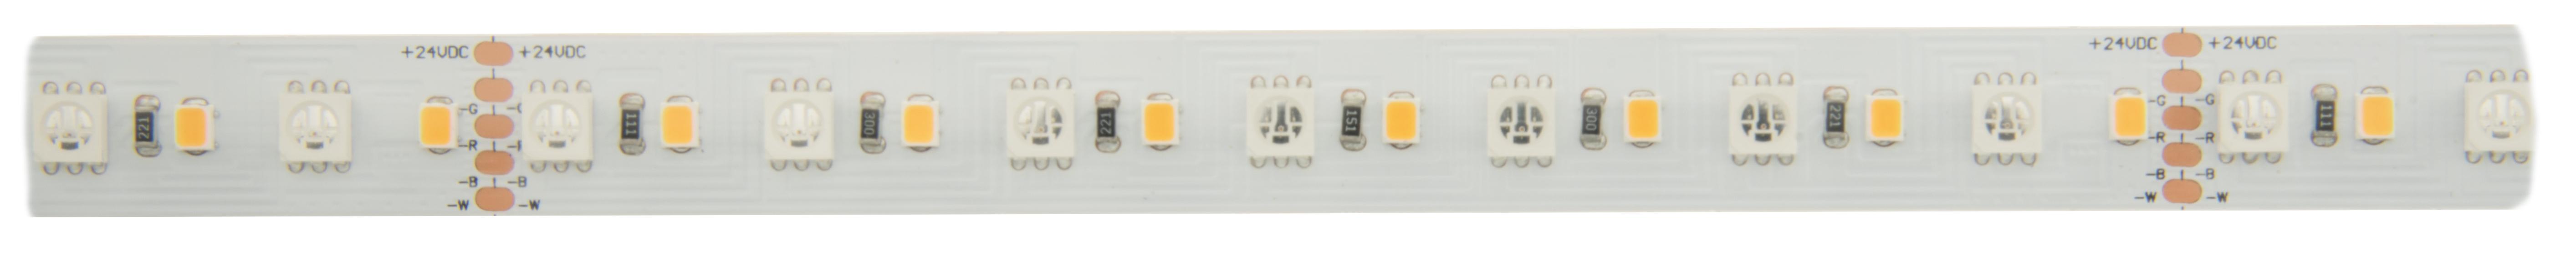 1 Stk Flexstrip 115 RGB HW 90+ 14,5W/m 1243lm/m, 24VDC IP44, l=5m LIFS009510